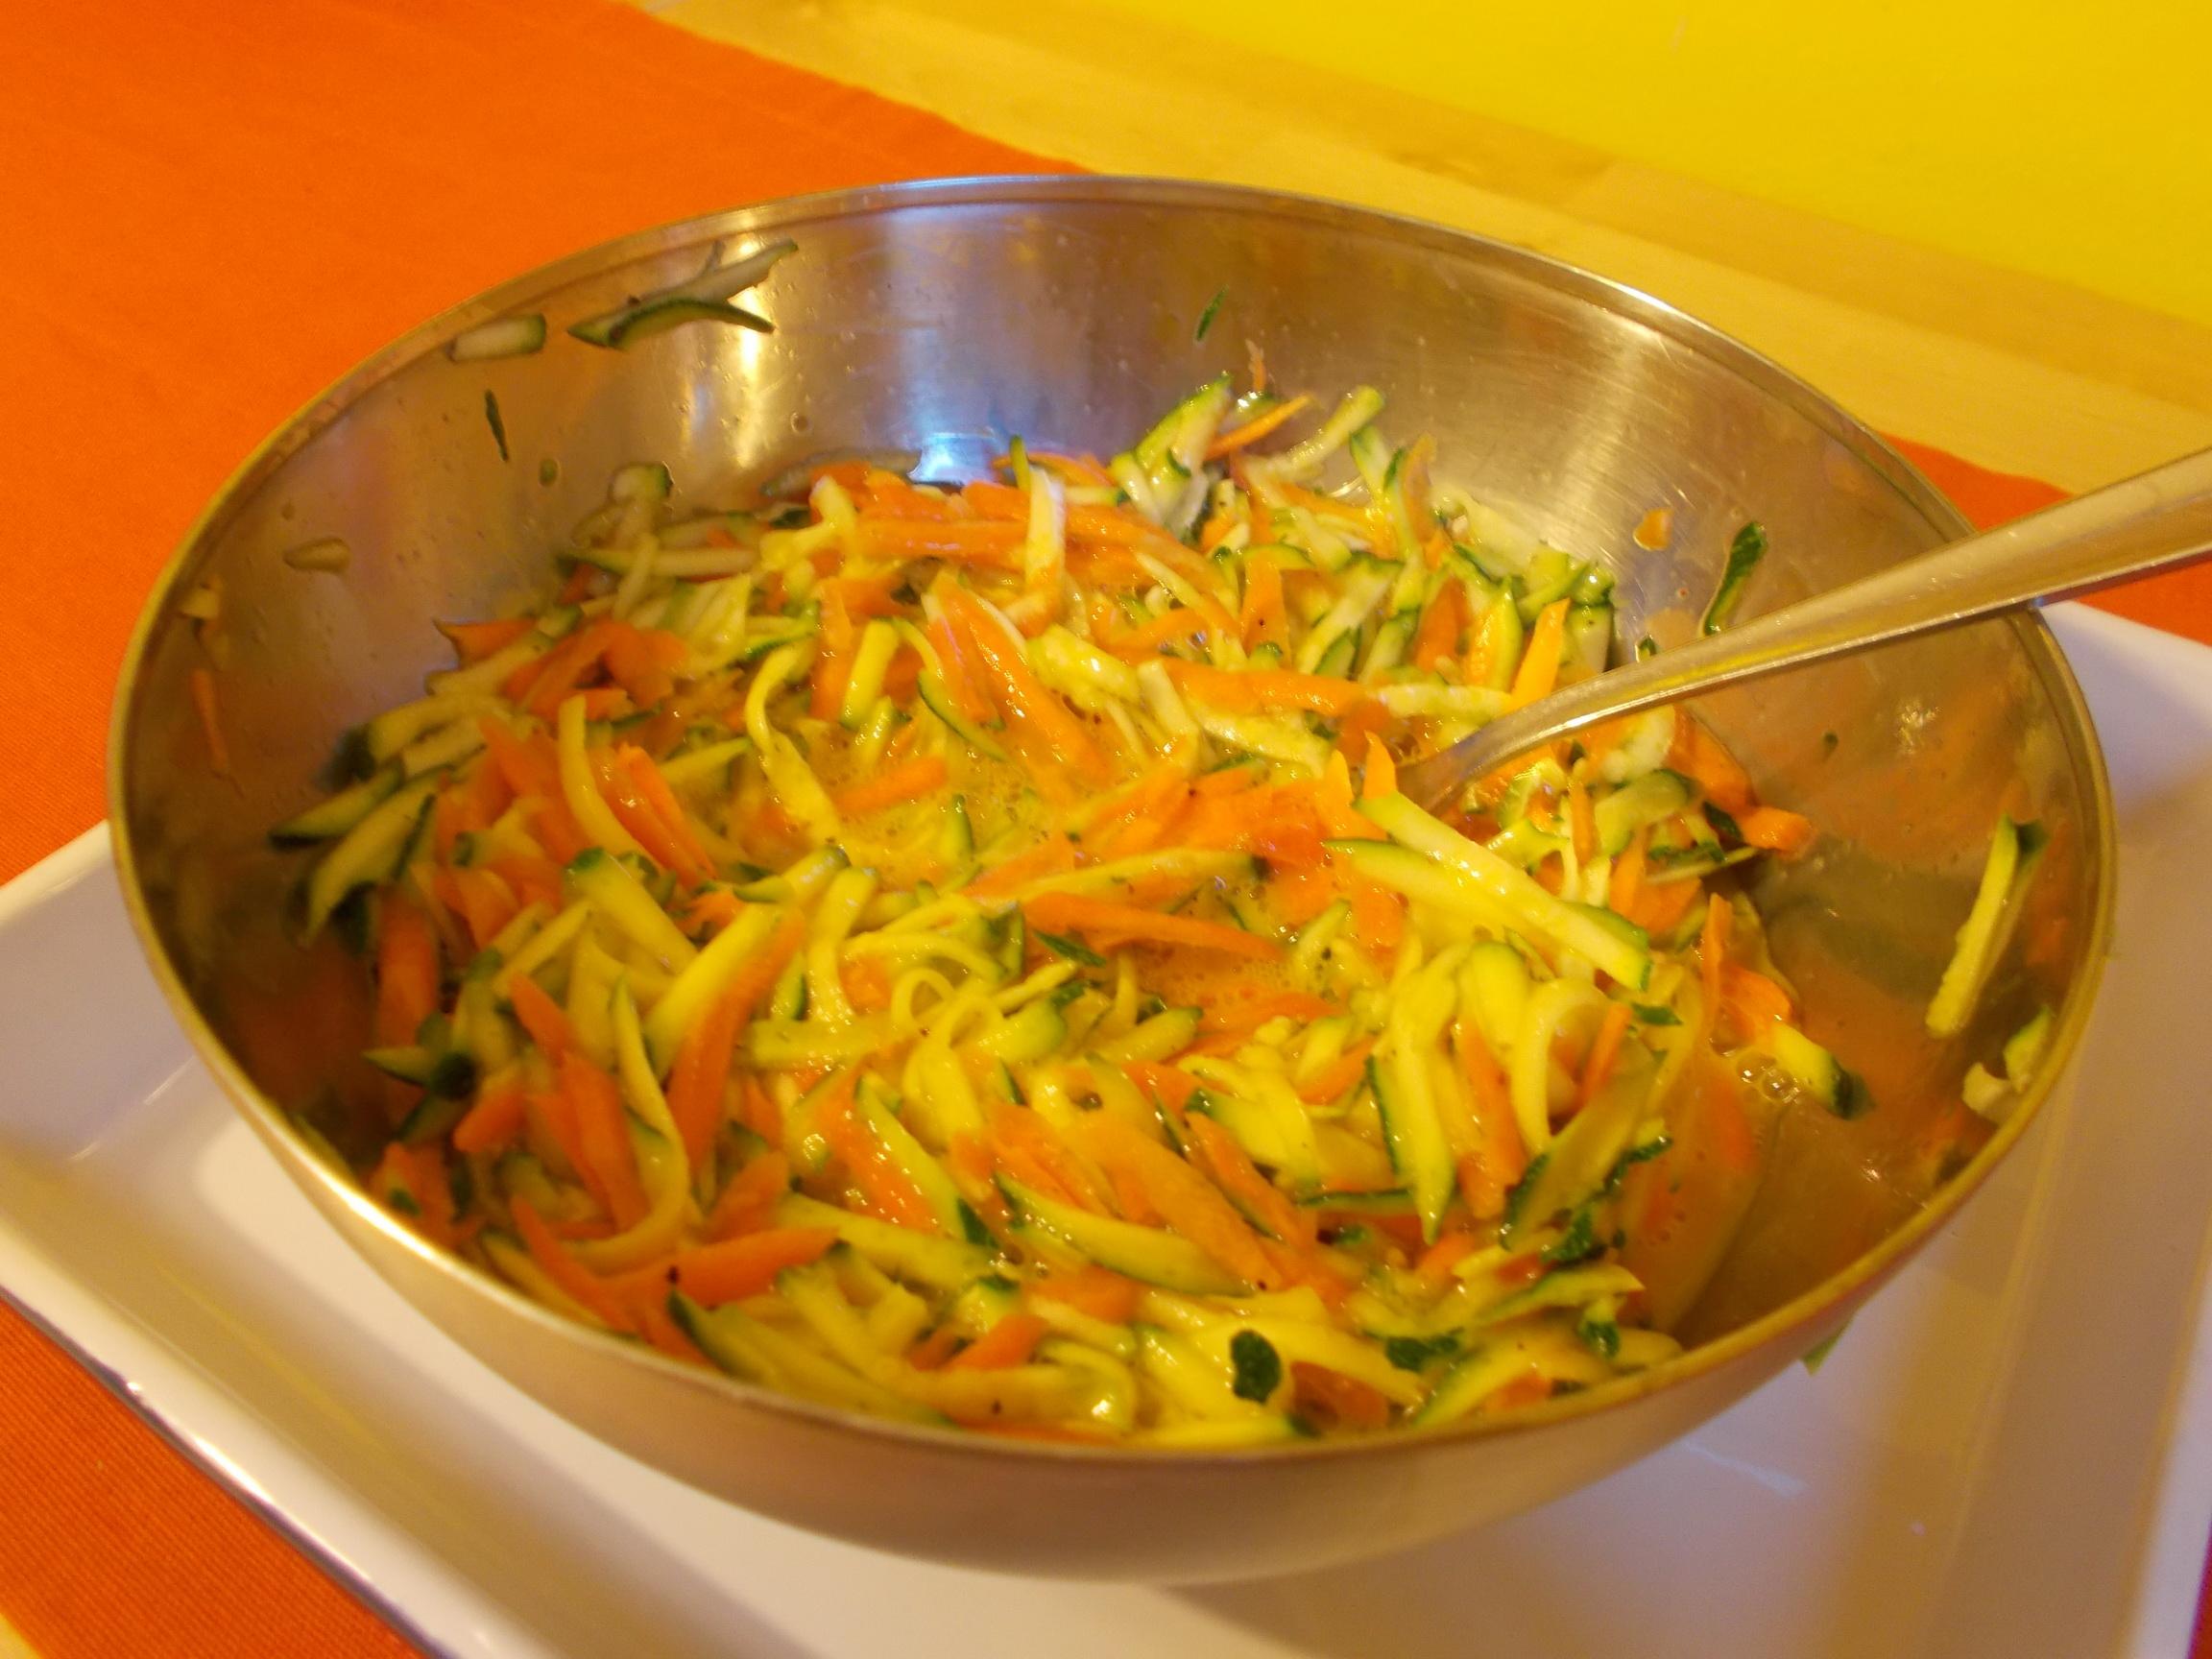 Quiche carote, zucchine e fiocchi di latte